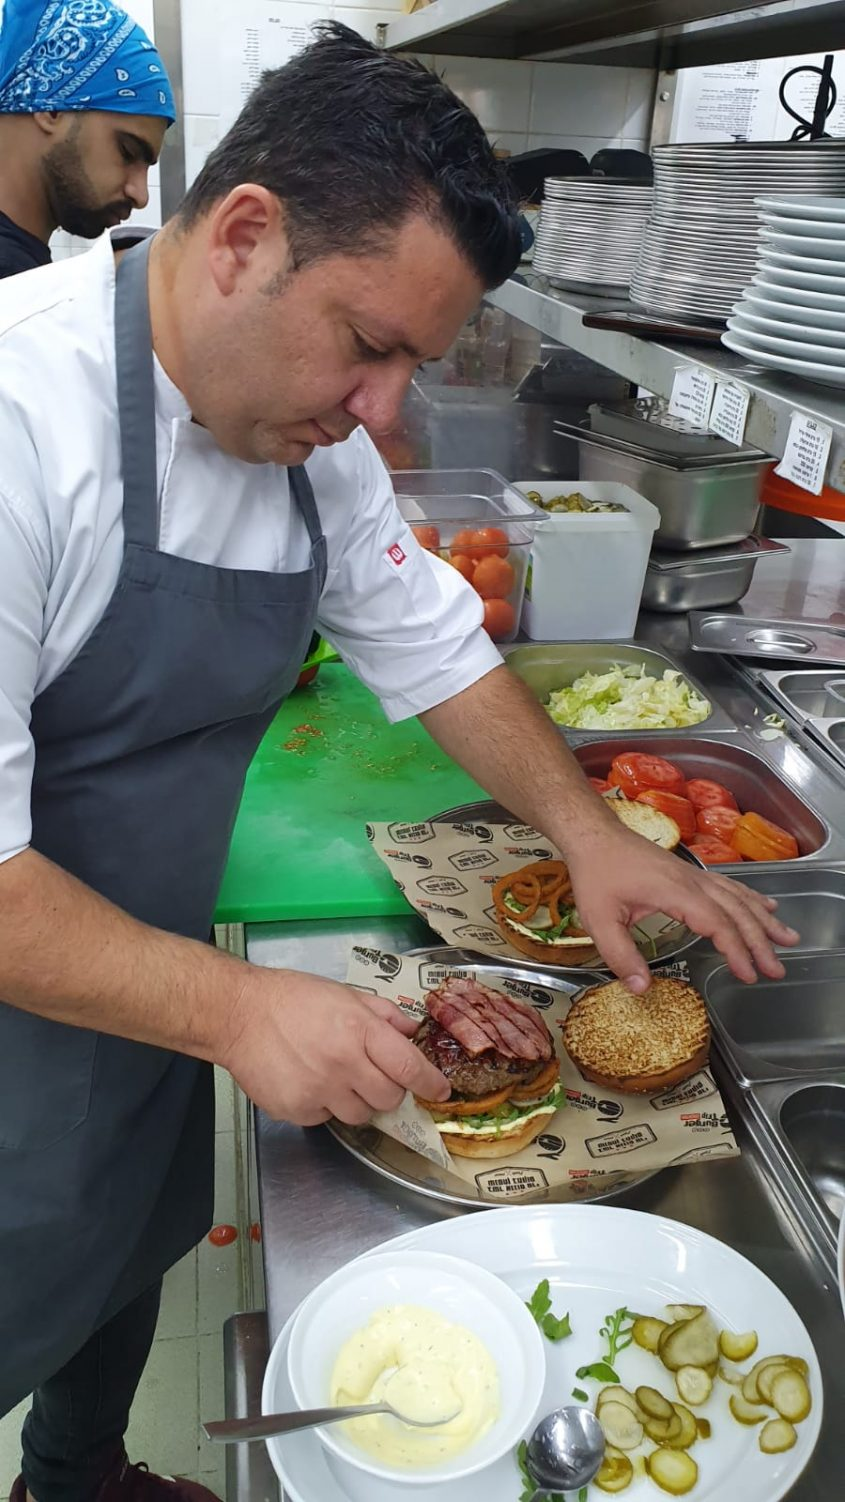 שף מיקי סויסה מכין המבורגר. צילום: עדי תשובה